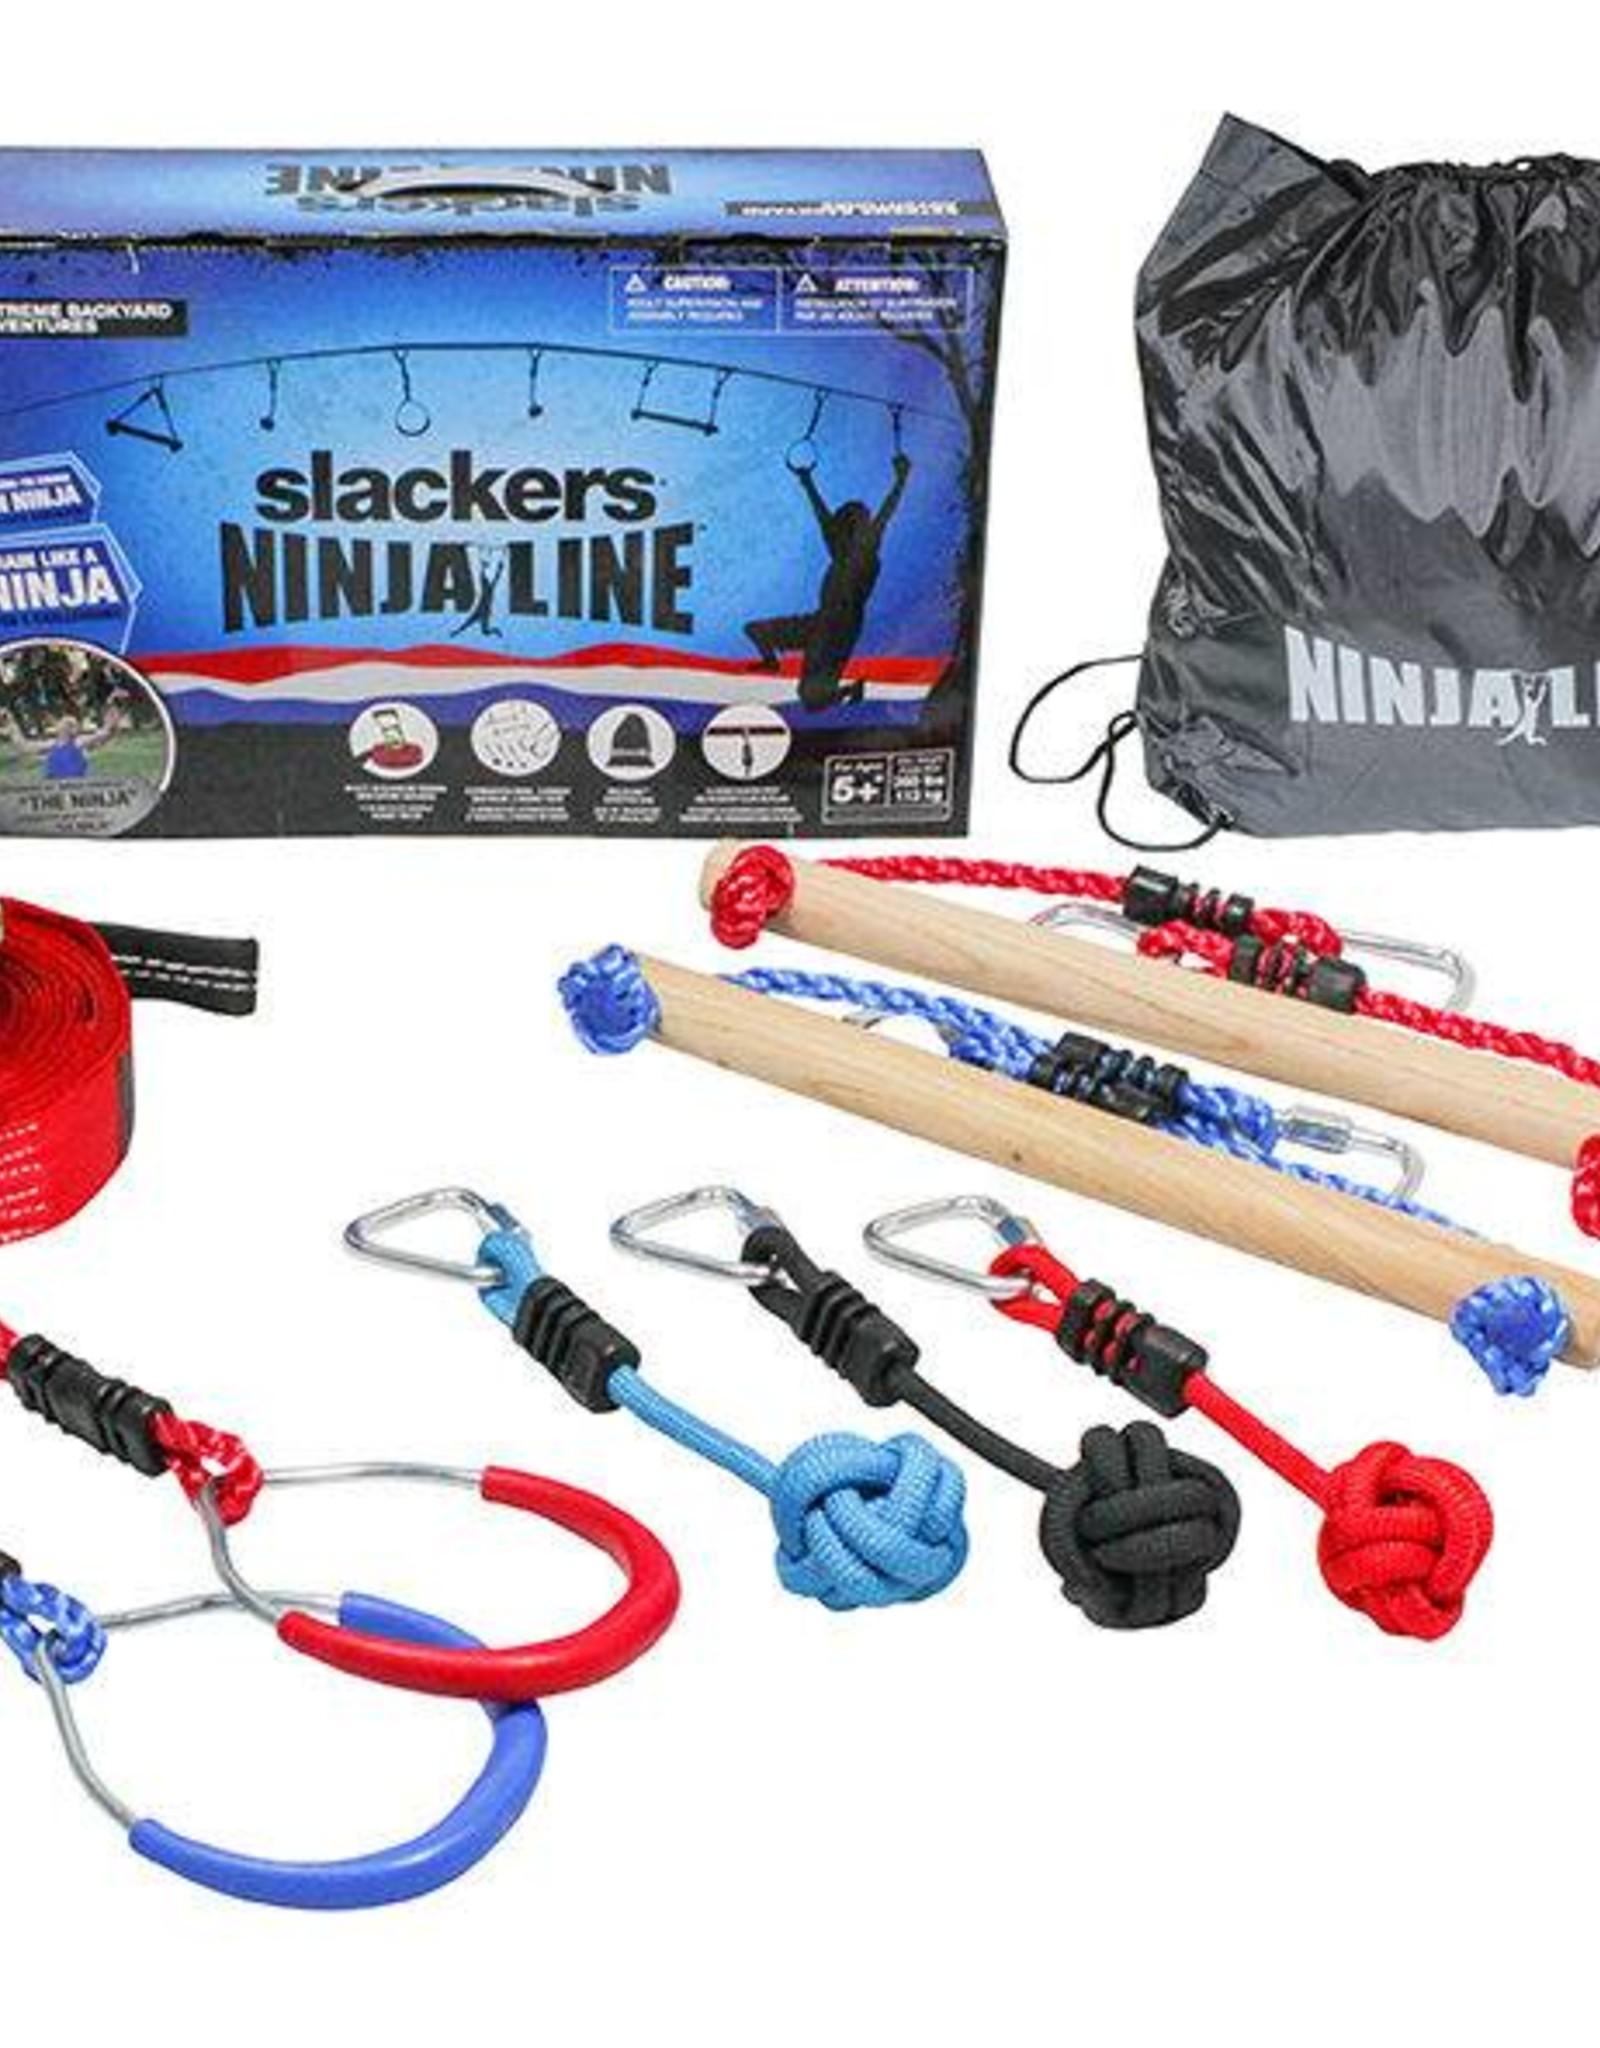 B4 Adventure Slackers NinjaLine